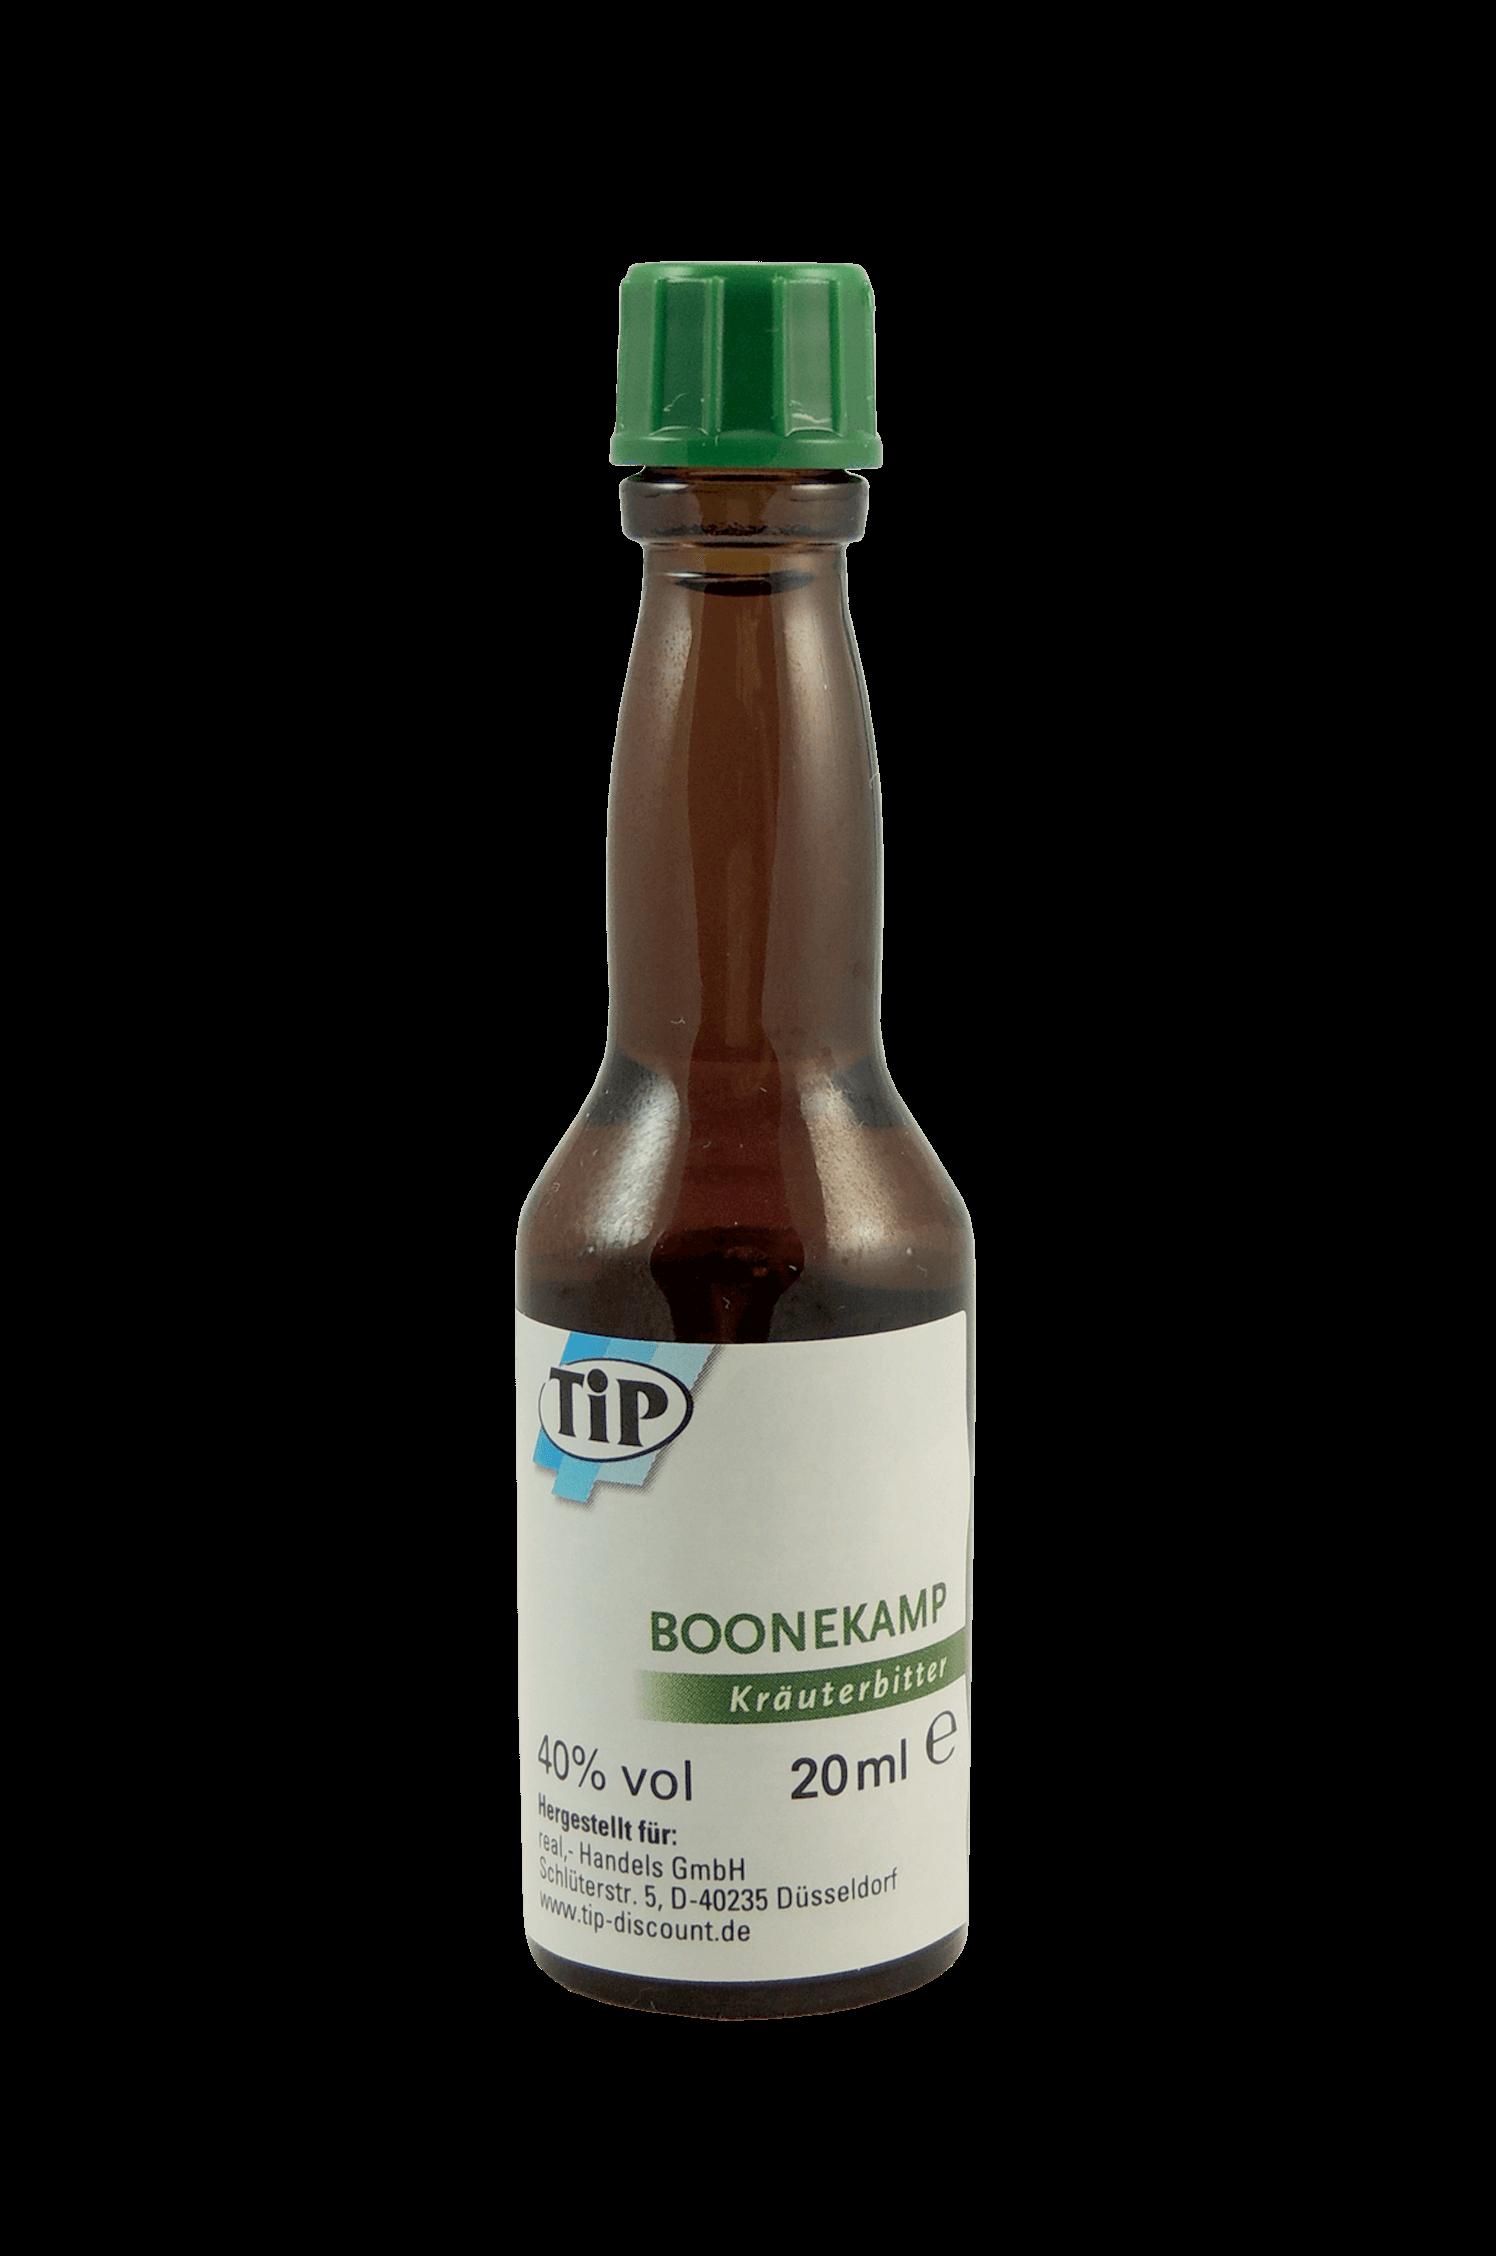 Boonekamp Kräuterbitter